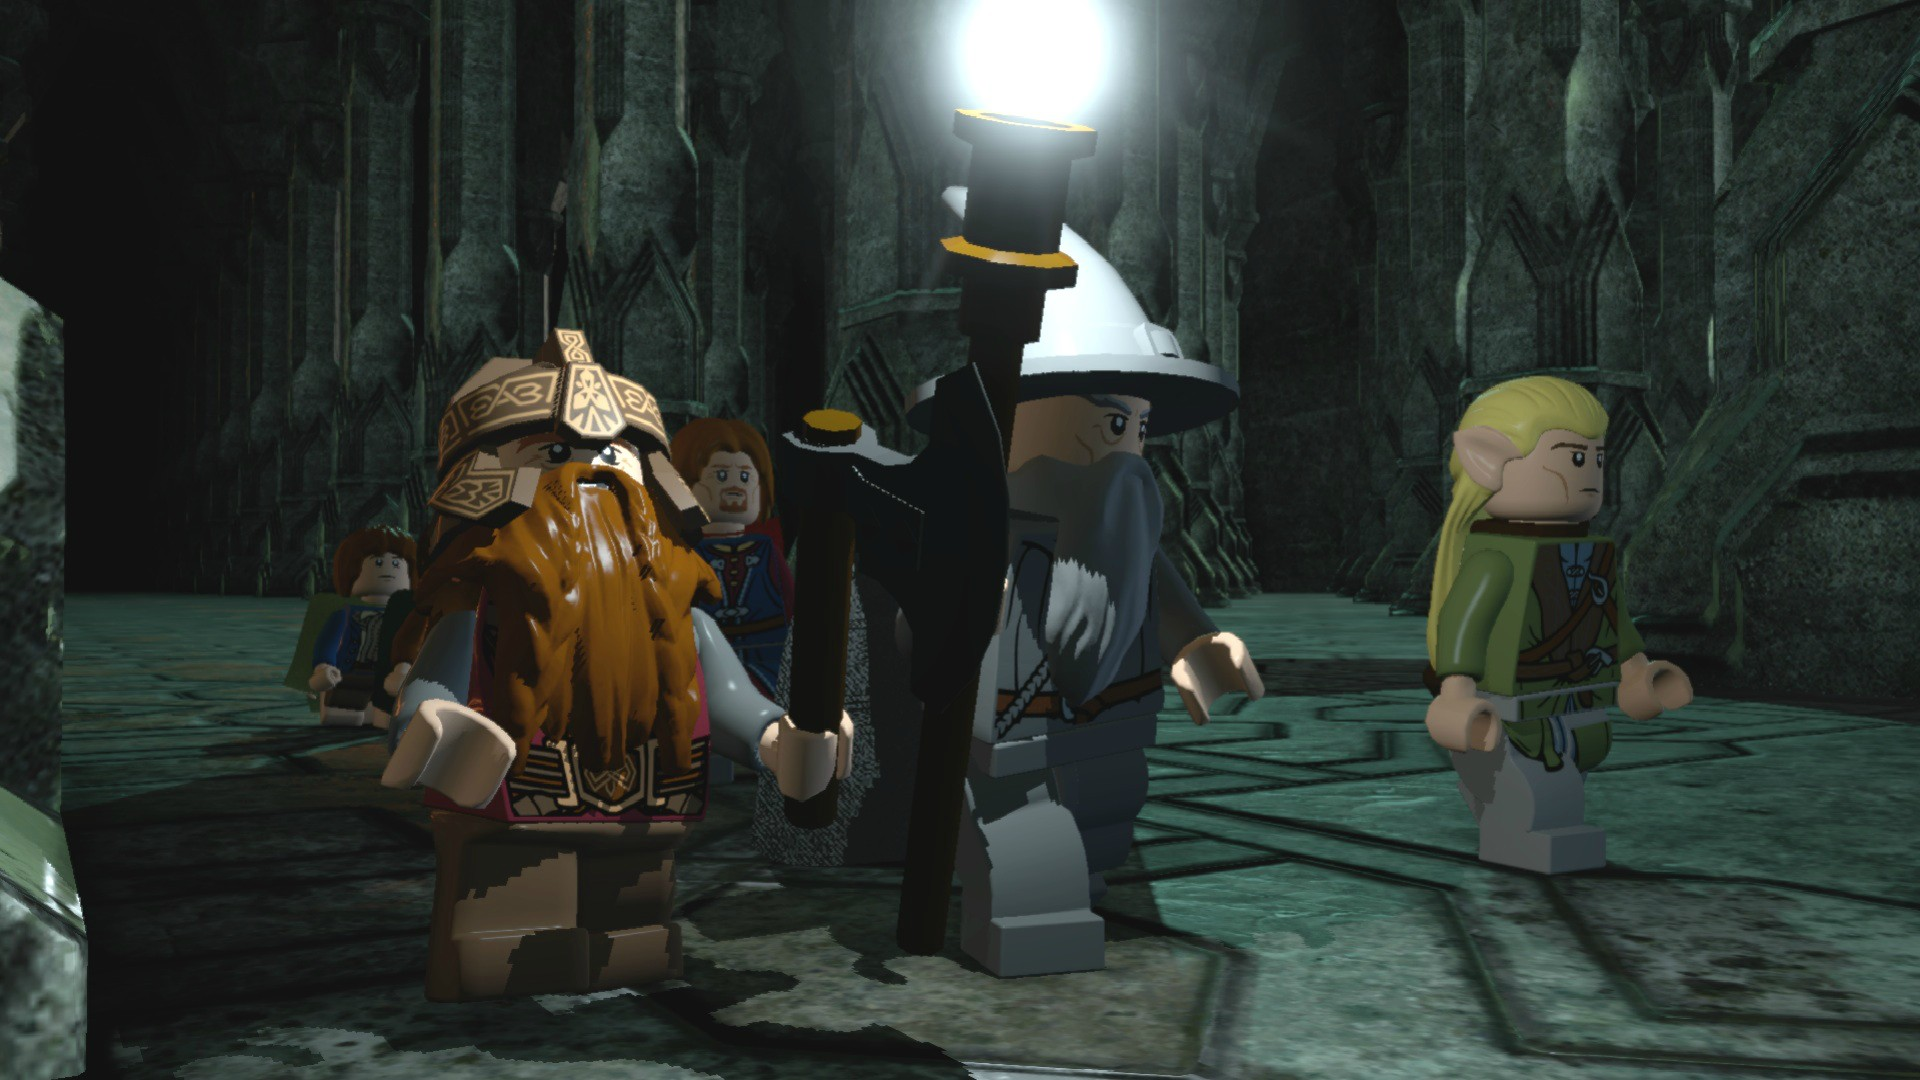 LEGO Lord of the Rings – dolary vládnou všem 65815